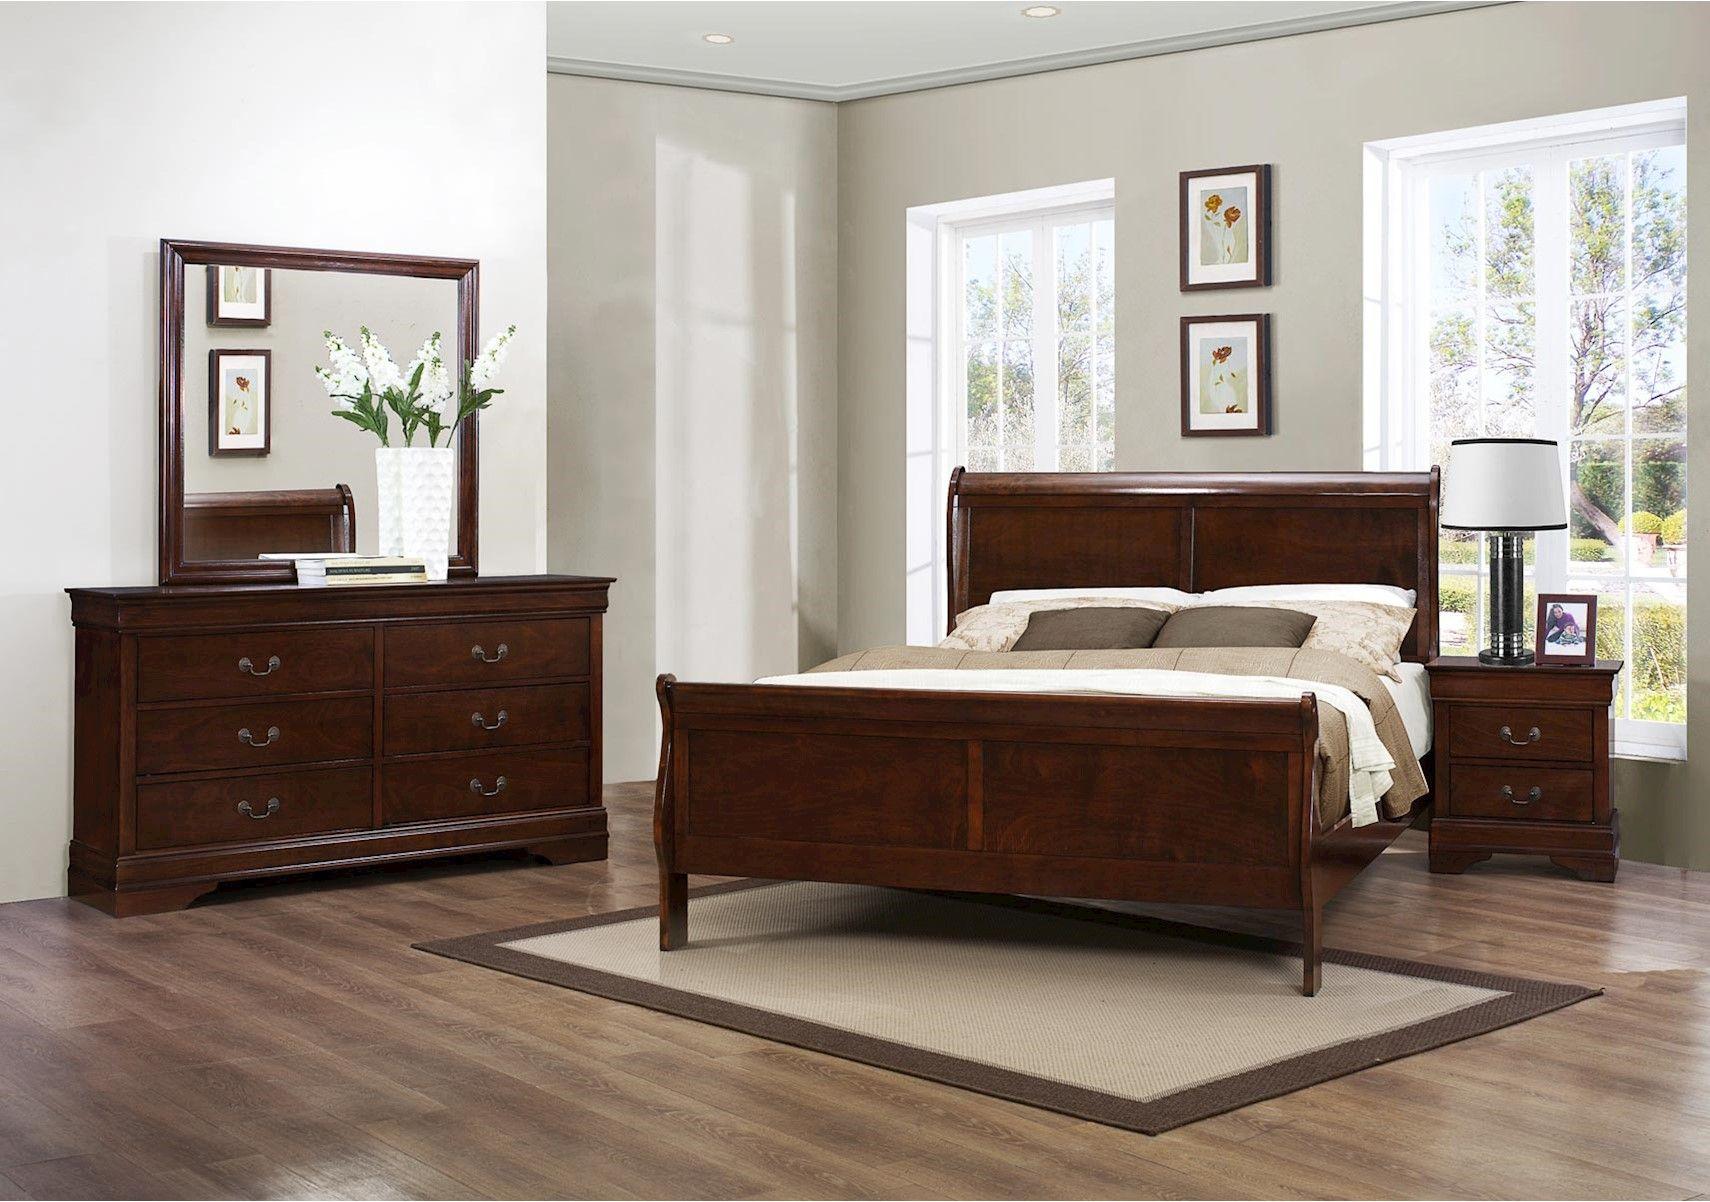 Lacks Mayville 4 Pc Full Bedroom Set Bedroom Sets For Sale